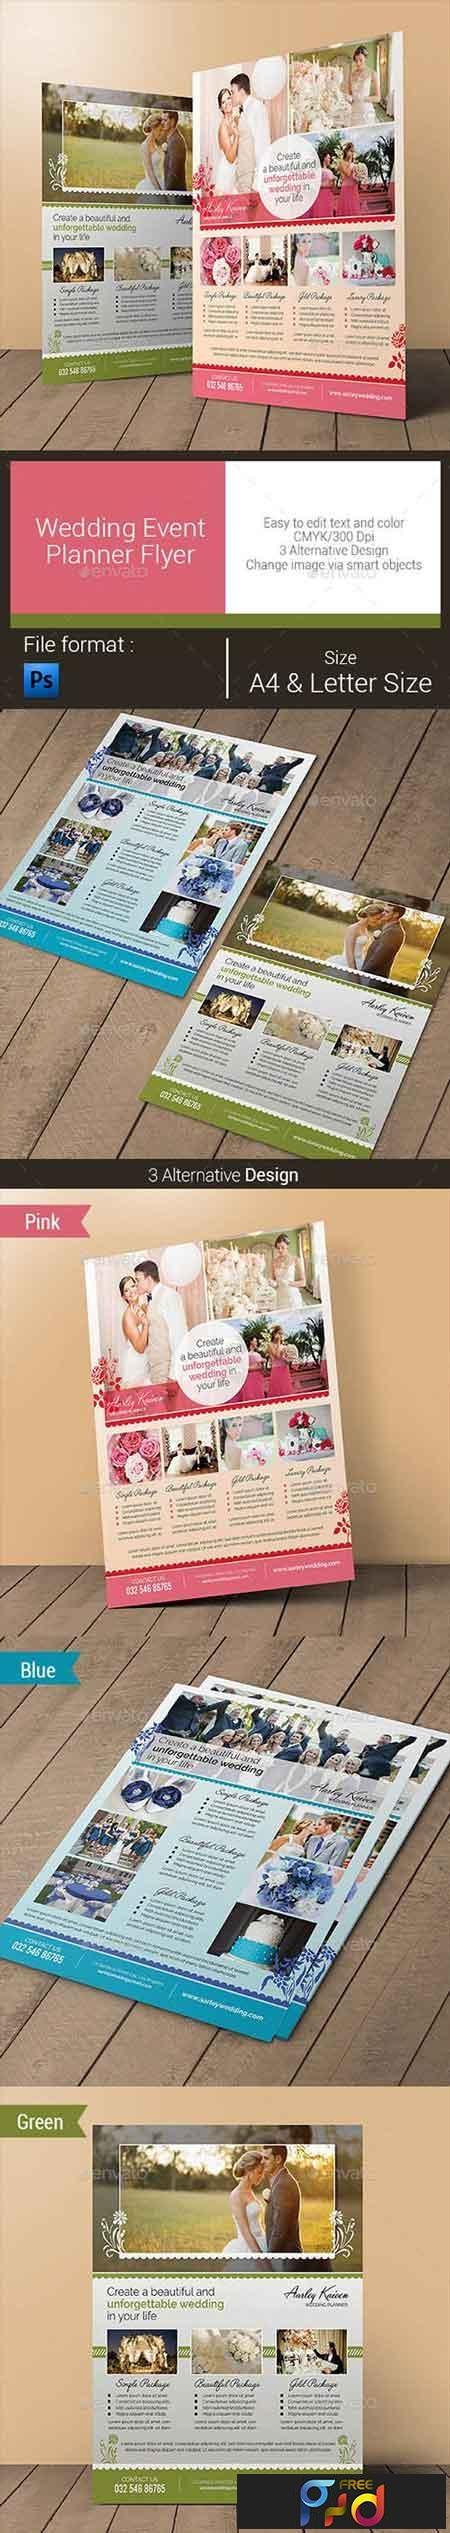 Wedding Event Planner Flyer 10796720 1